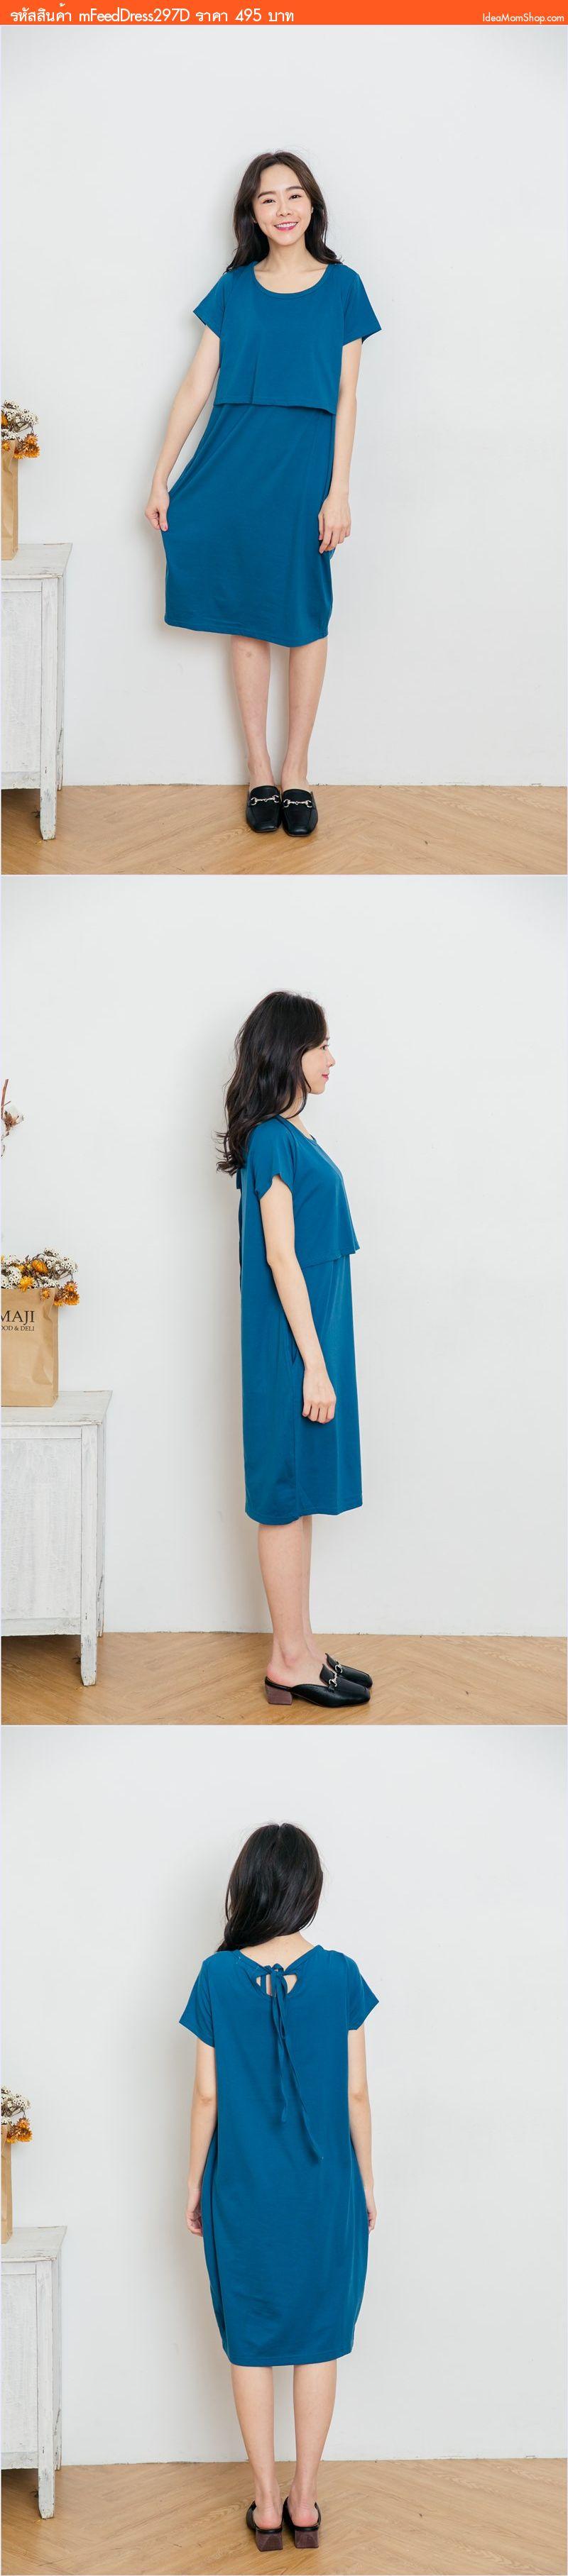 เดรสคลุมท้องให้นม Basic Style สีฟ้าเขียว